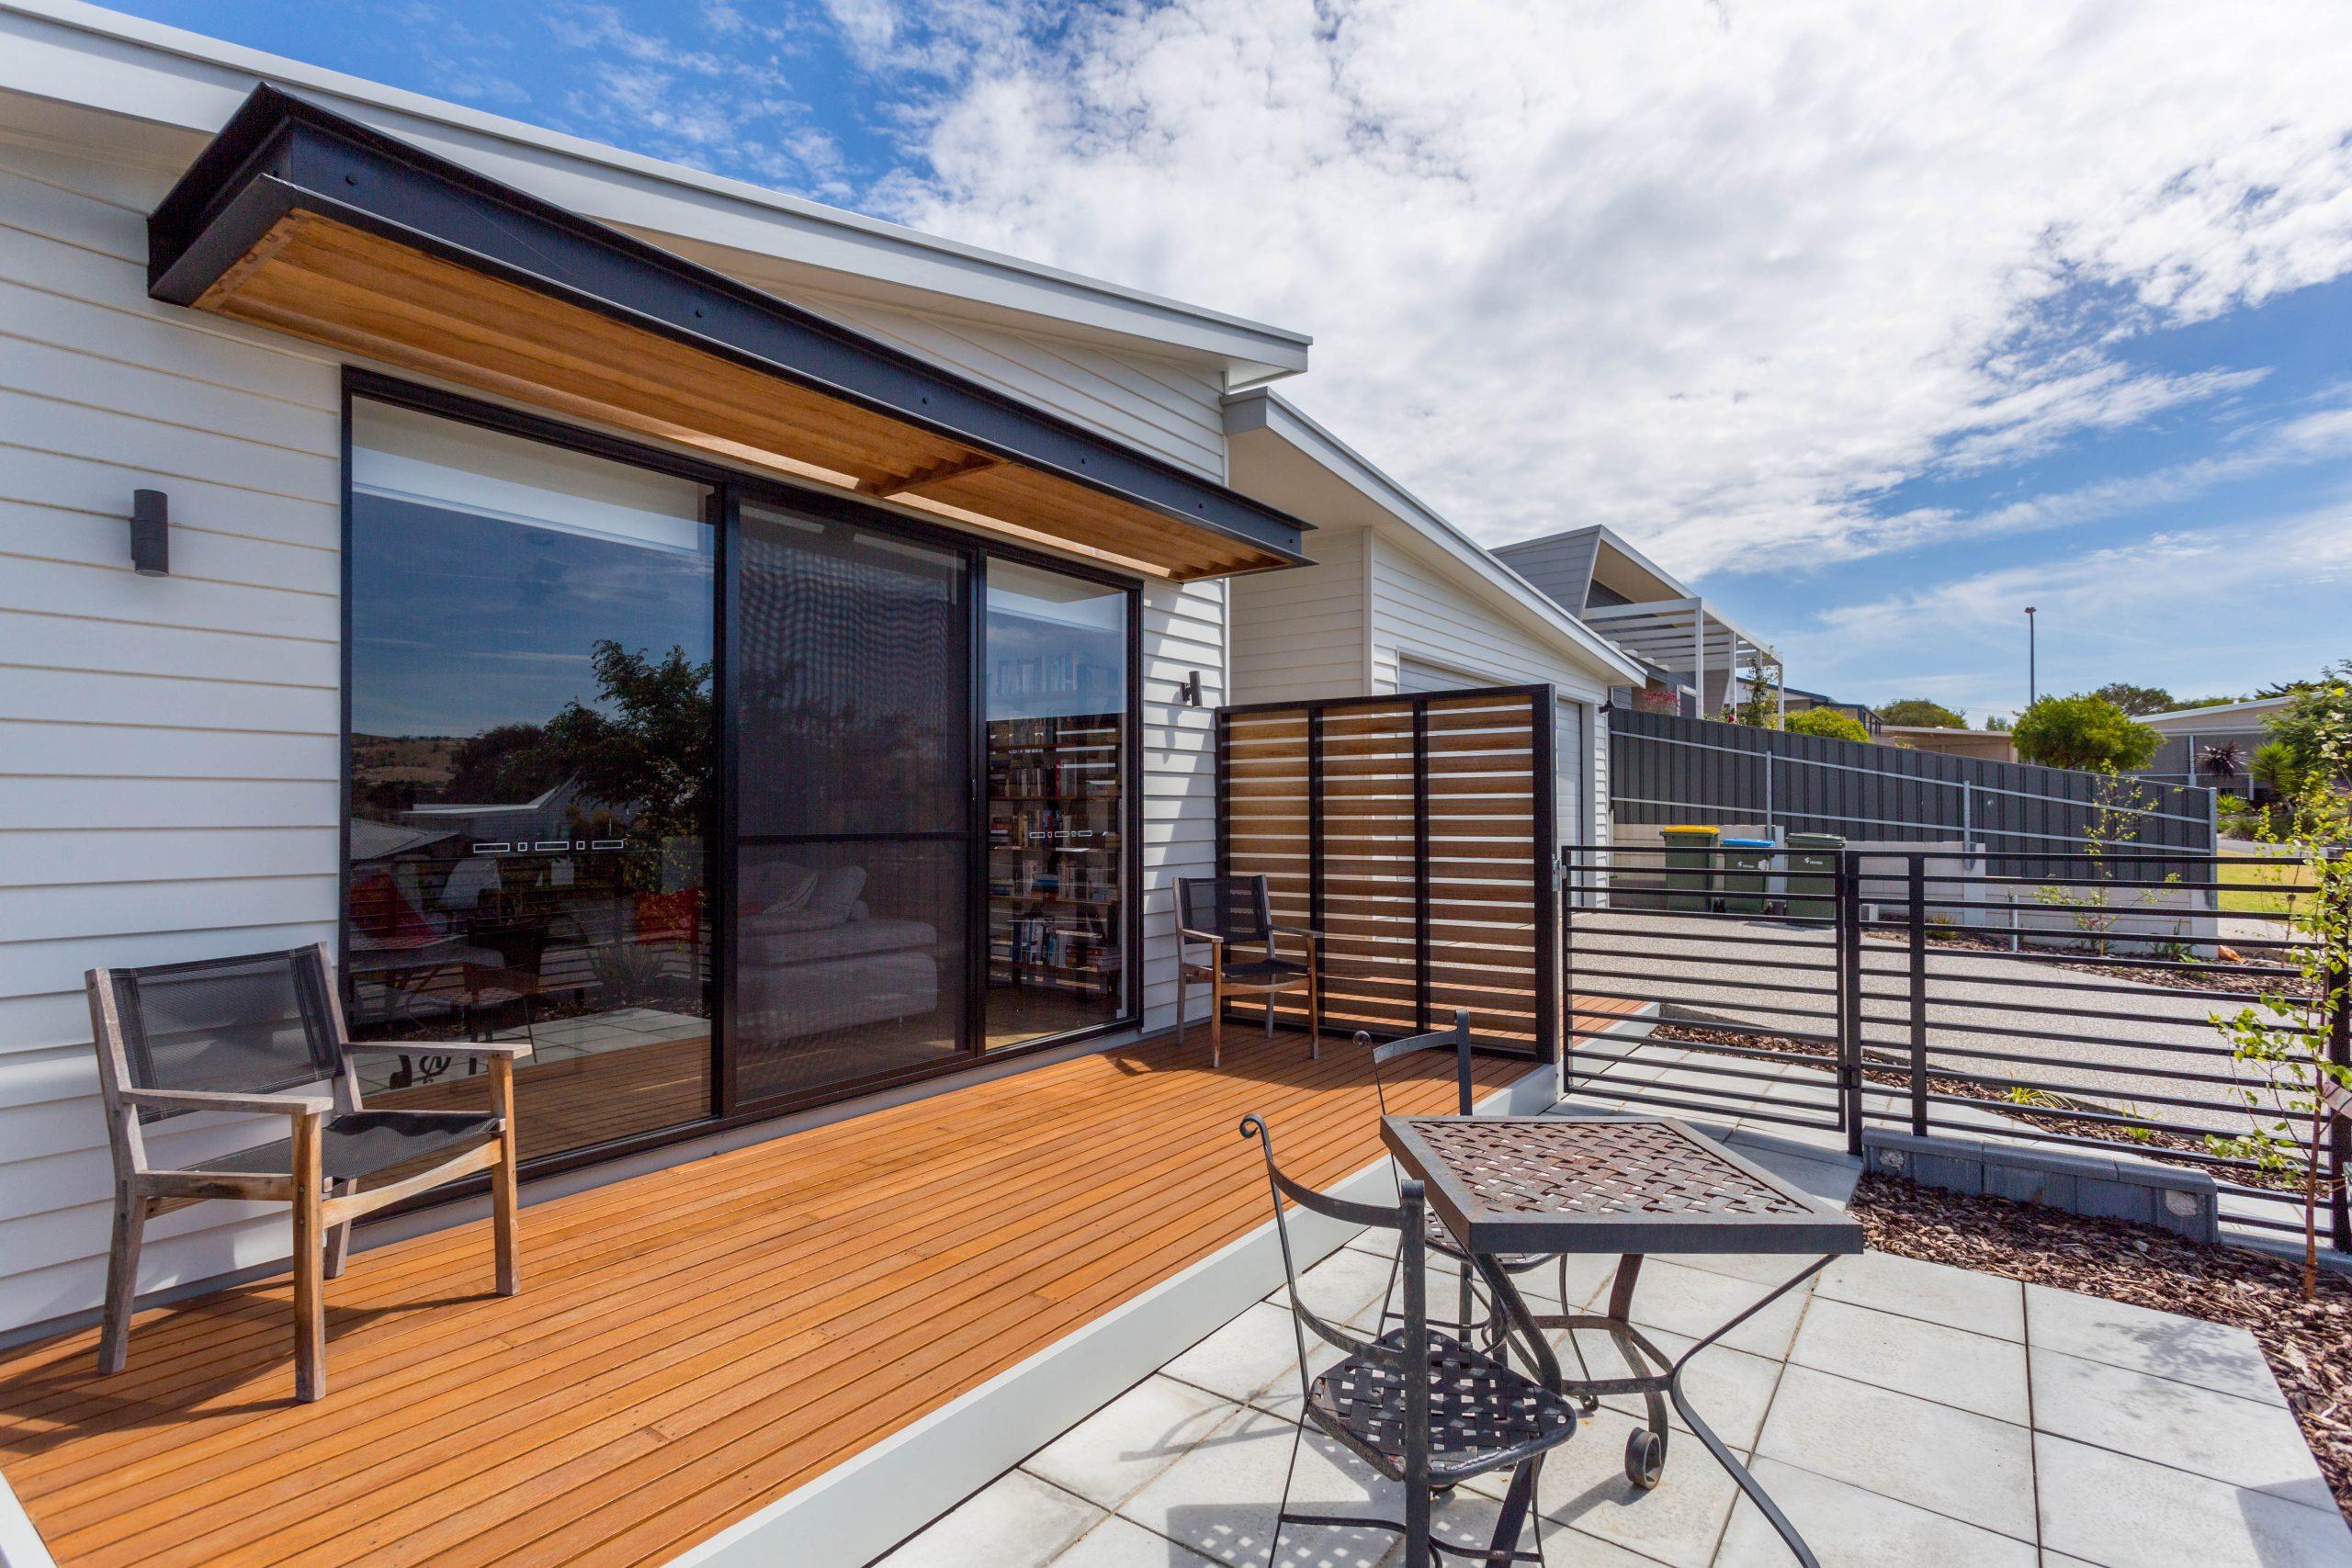 Custom Home, New Home, Single Storey Home, Builders, Design, Port Elliot, Fleurieu, Outside Living, Decking